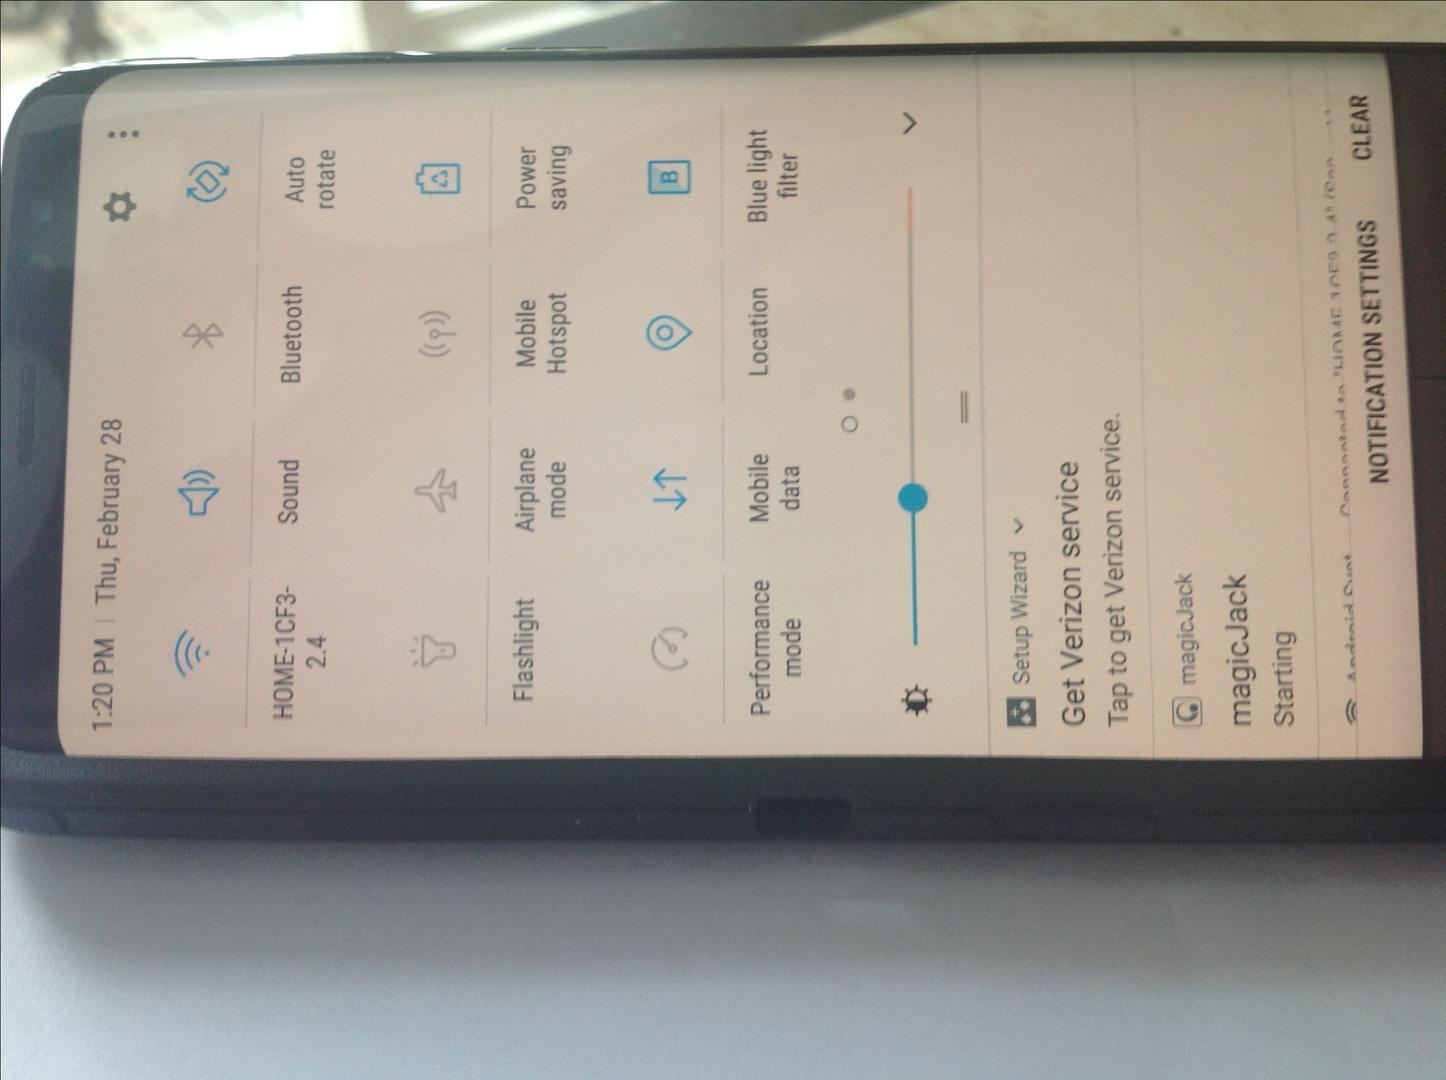 Samsung Galaxy S8 (Verizon) [SM-G950U] - Black, 64 GB